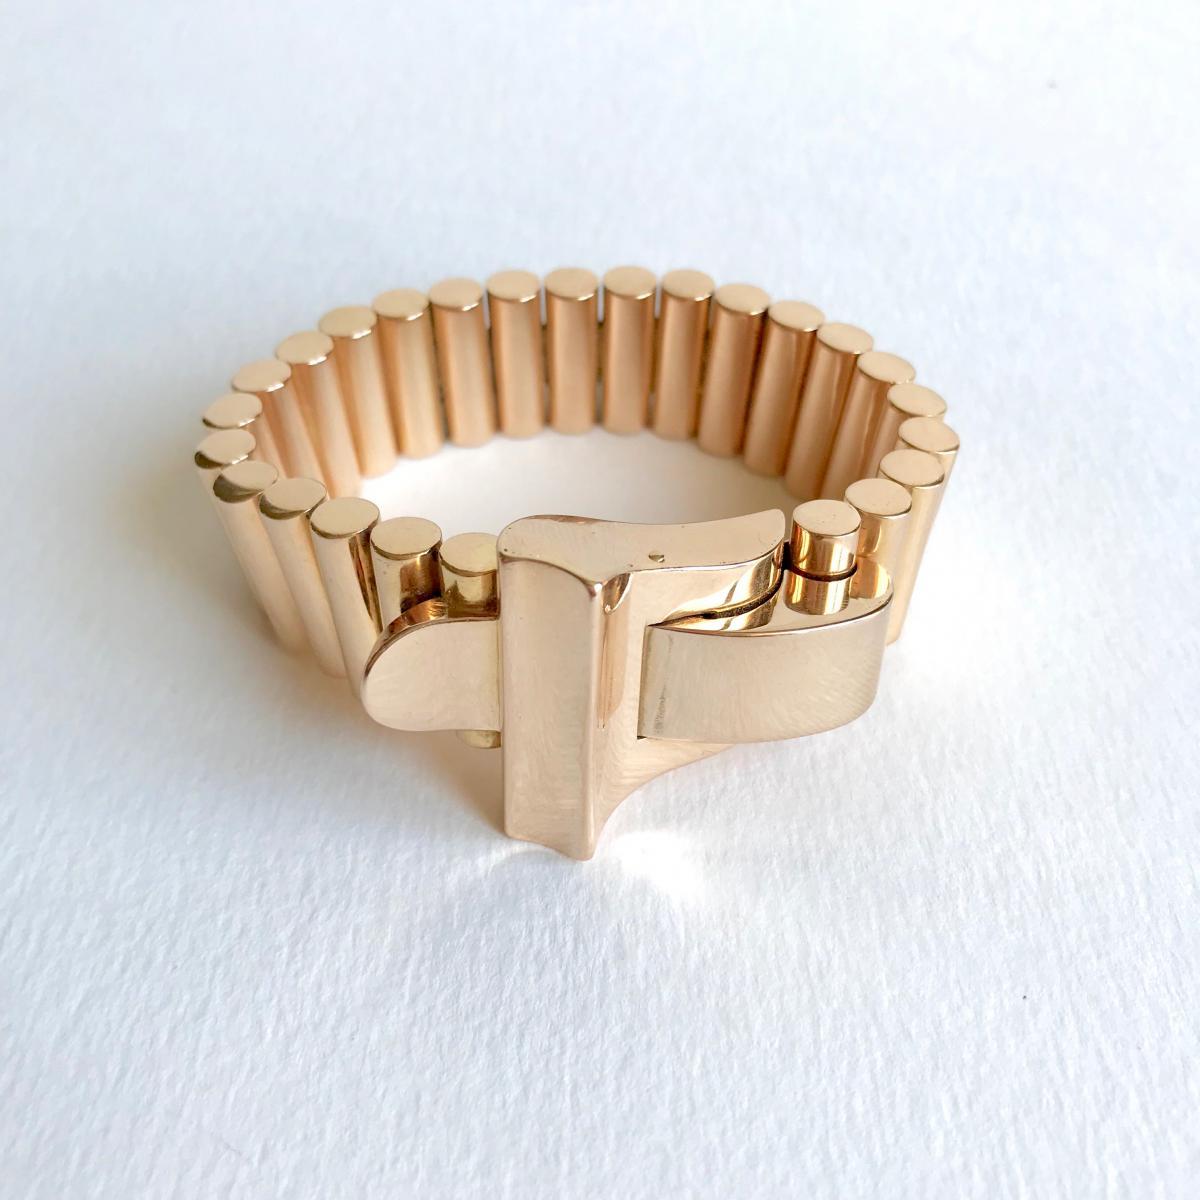 Bracelet D'époque 1940 En Or Jaune 18 Kt Maille Cylindrique